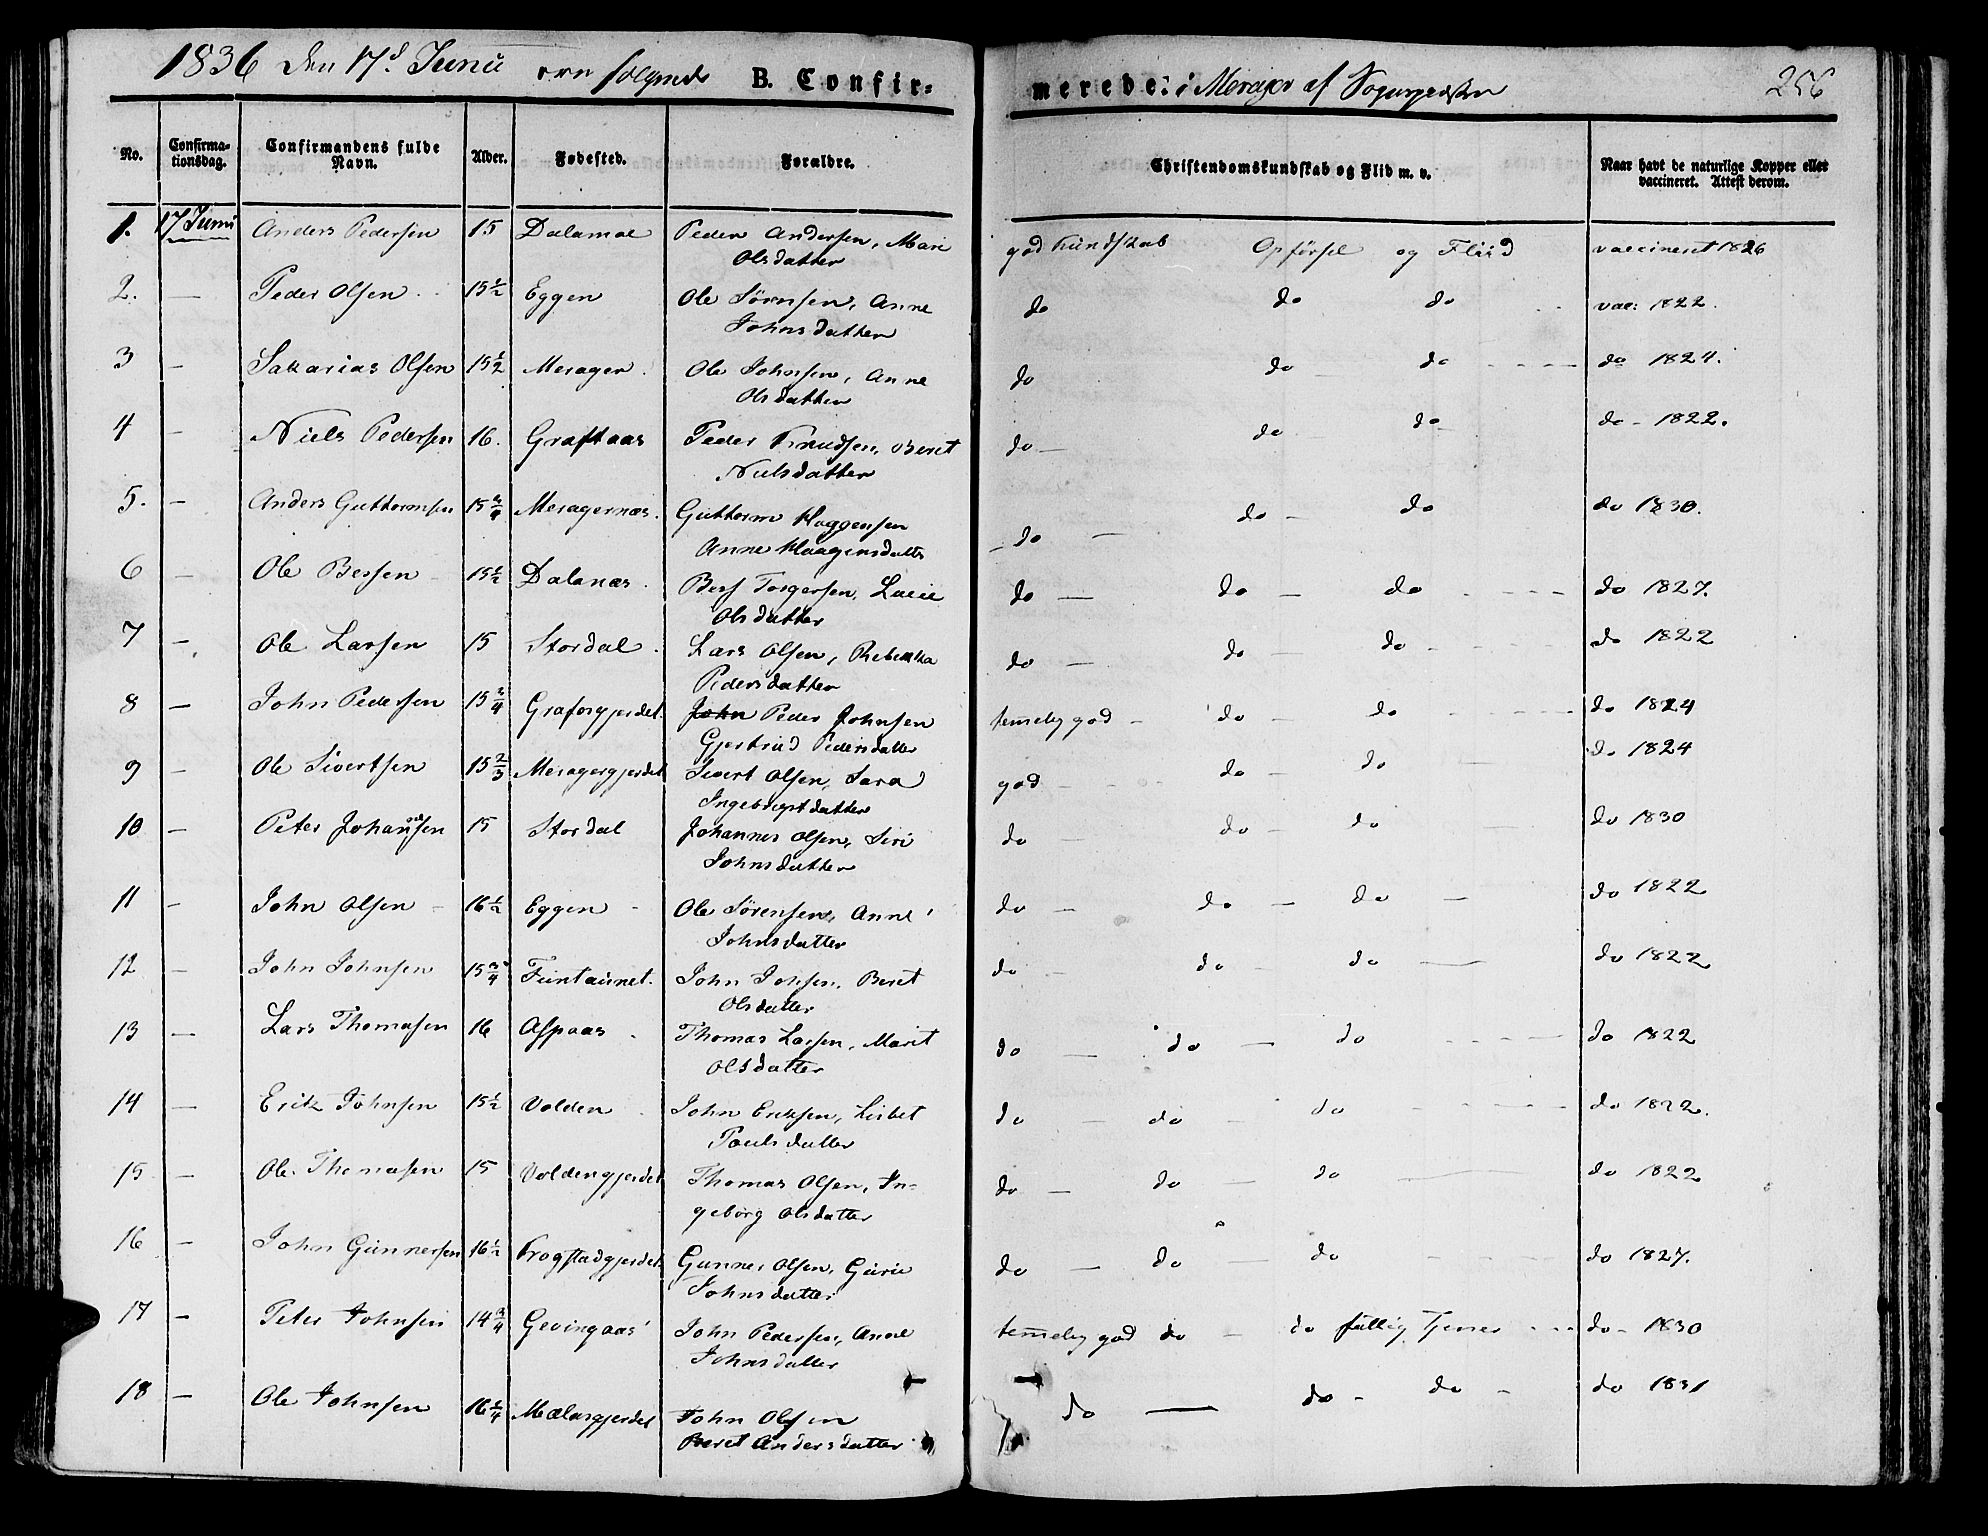 SAT, Ministerialprotokoller, klokkerbøker og fødselsregistre - Nord-Trøndelag, 709/L0071: Ministerialbok nr. 709A11, 1833-1844, s. 256